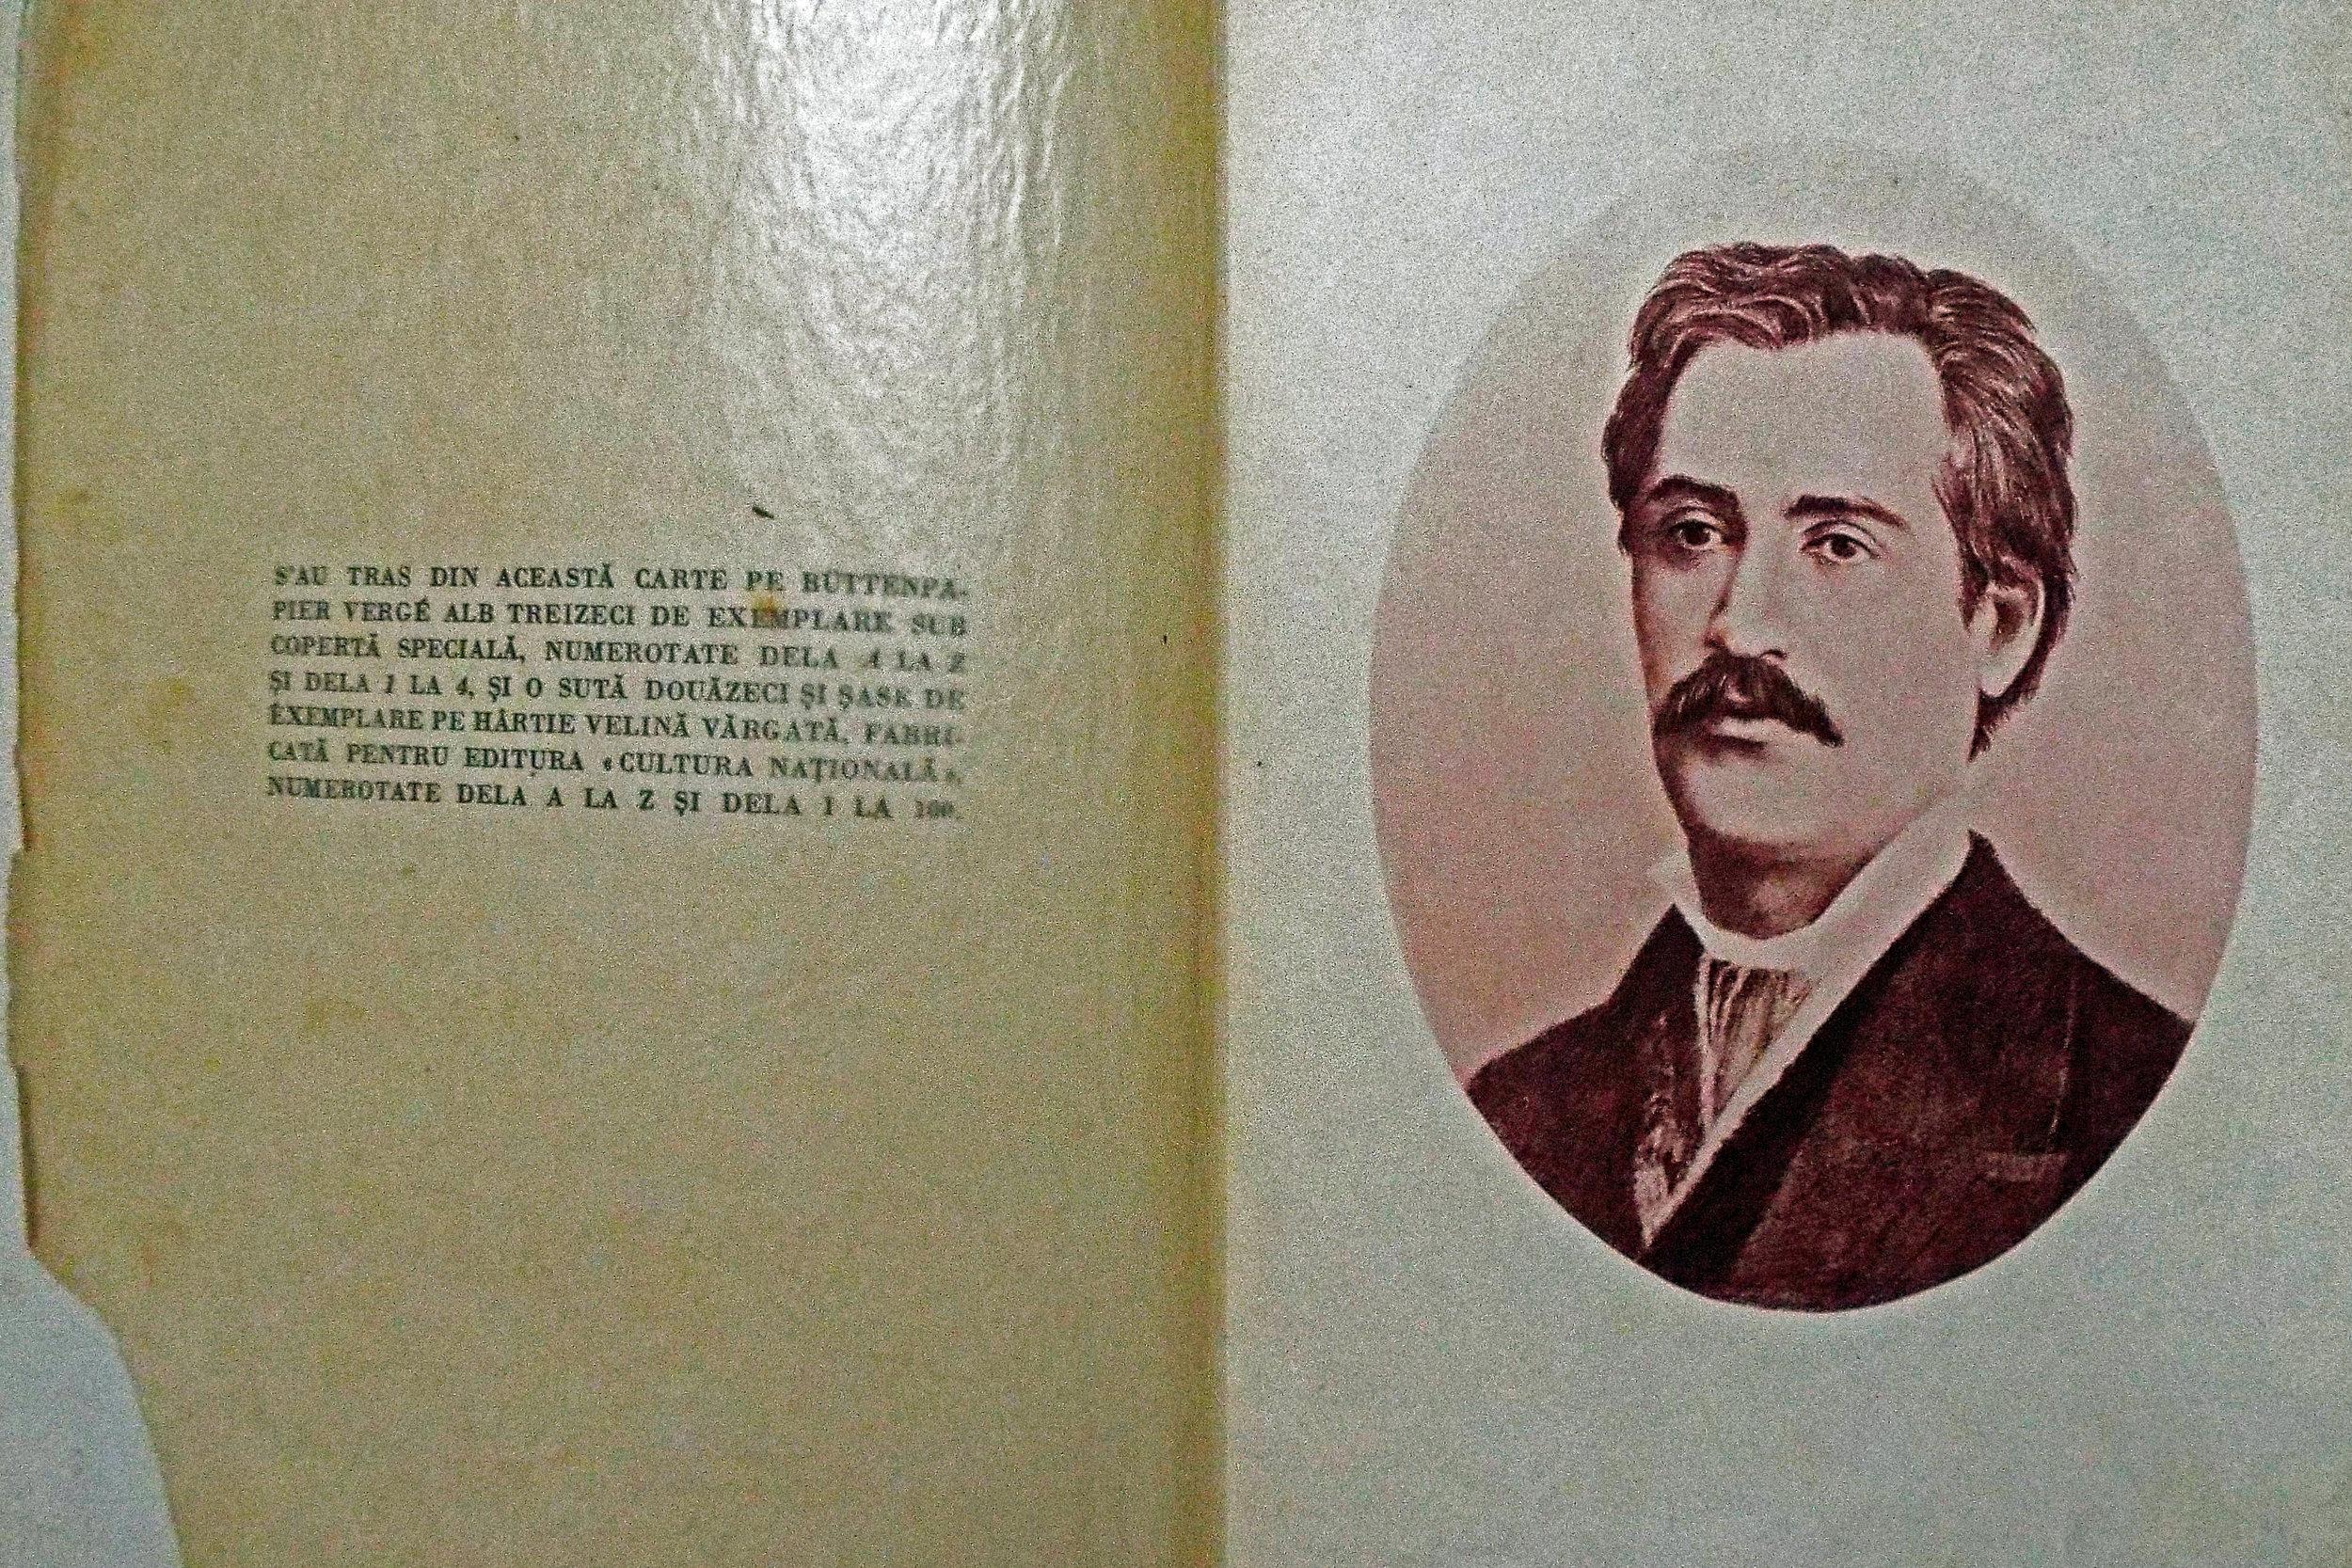 Pagina Foto Eminescu si pagina exemplare.JPG